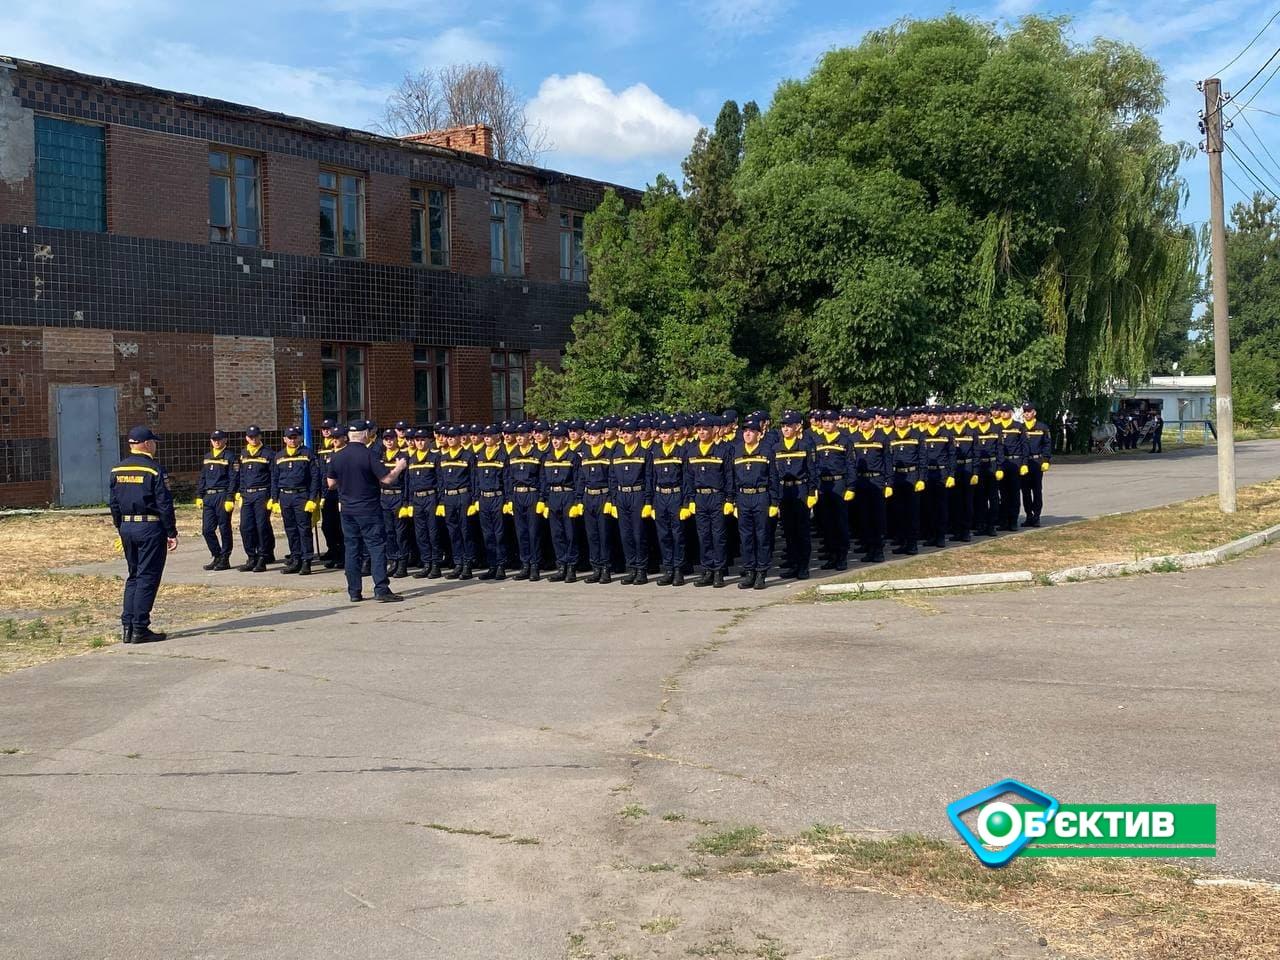 Отличники и дети участников АТО: кого отправят на парад ко Дню Независимости из Харькова (фото, видео)